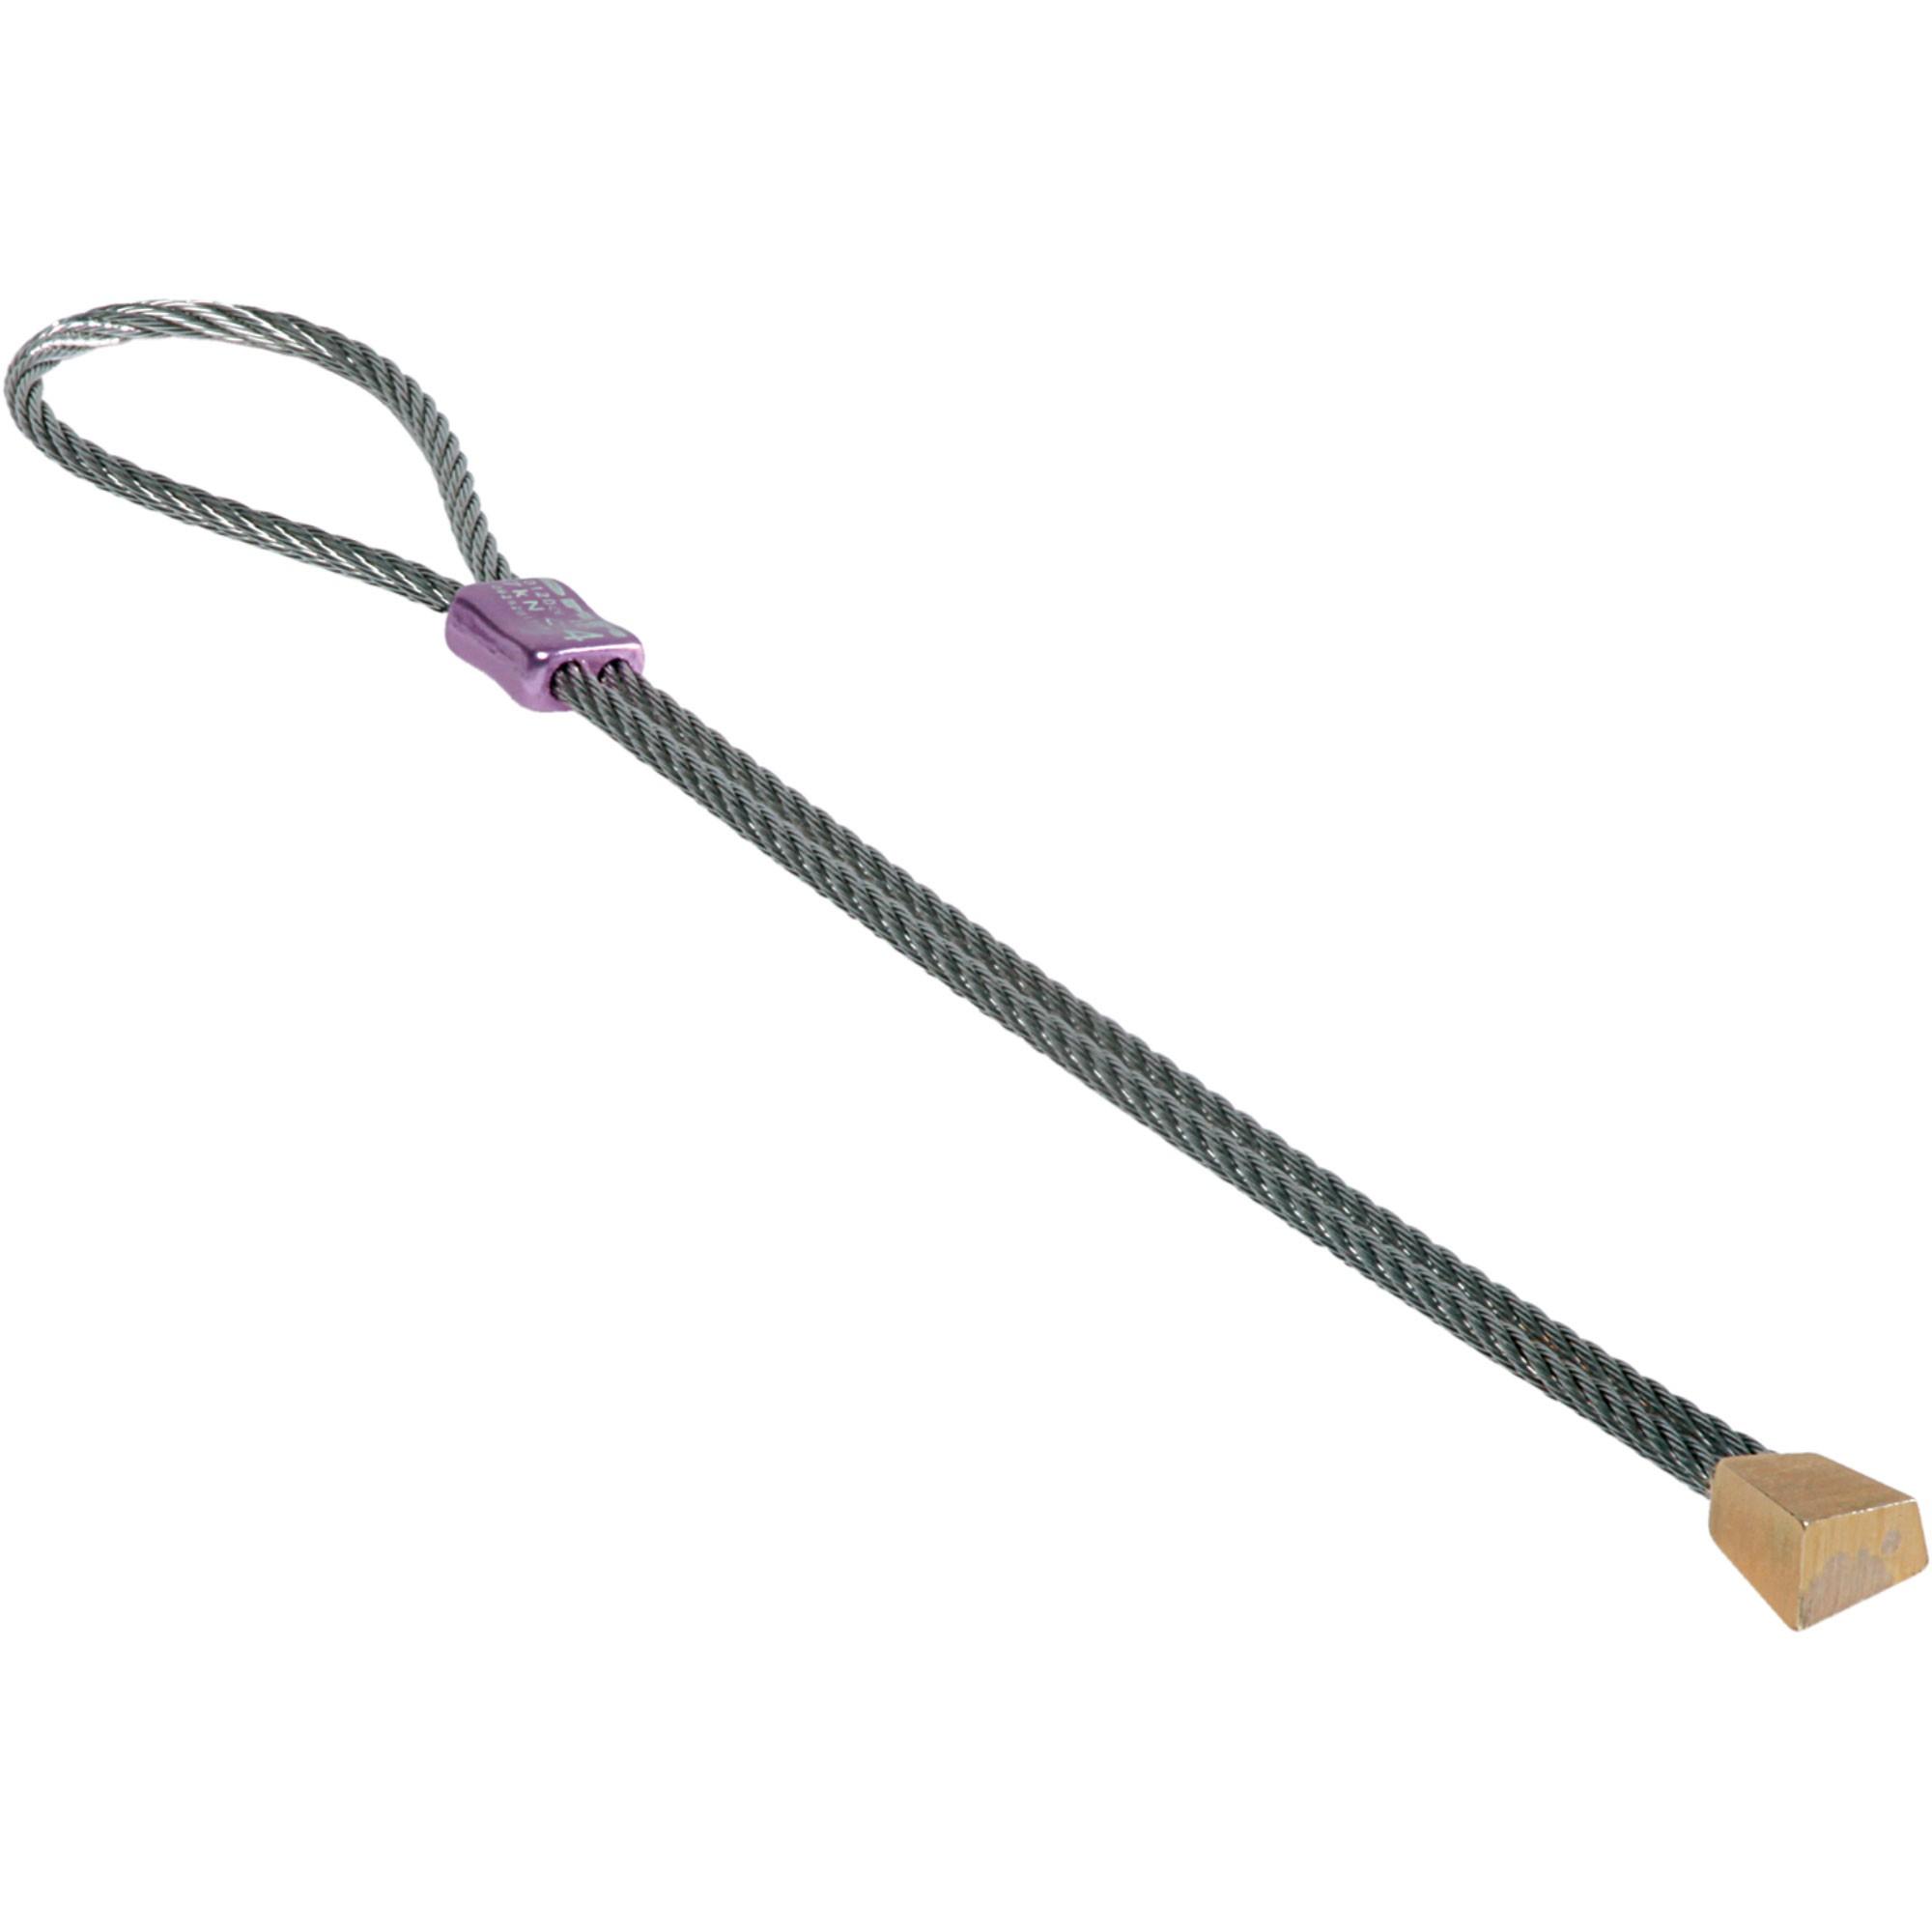 DMM Brass Offset 4 - Purple